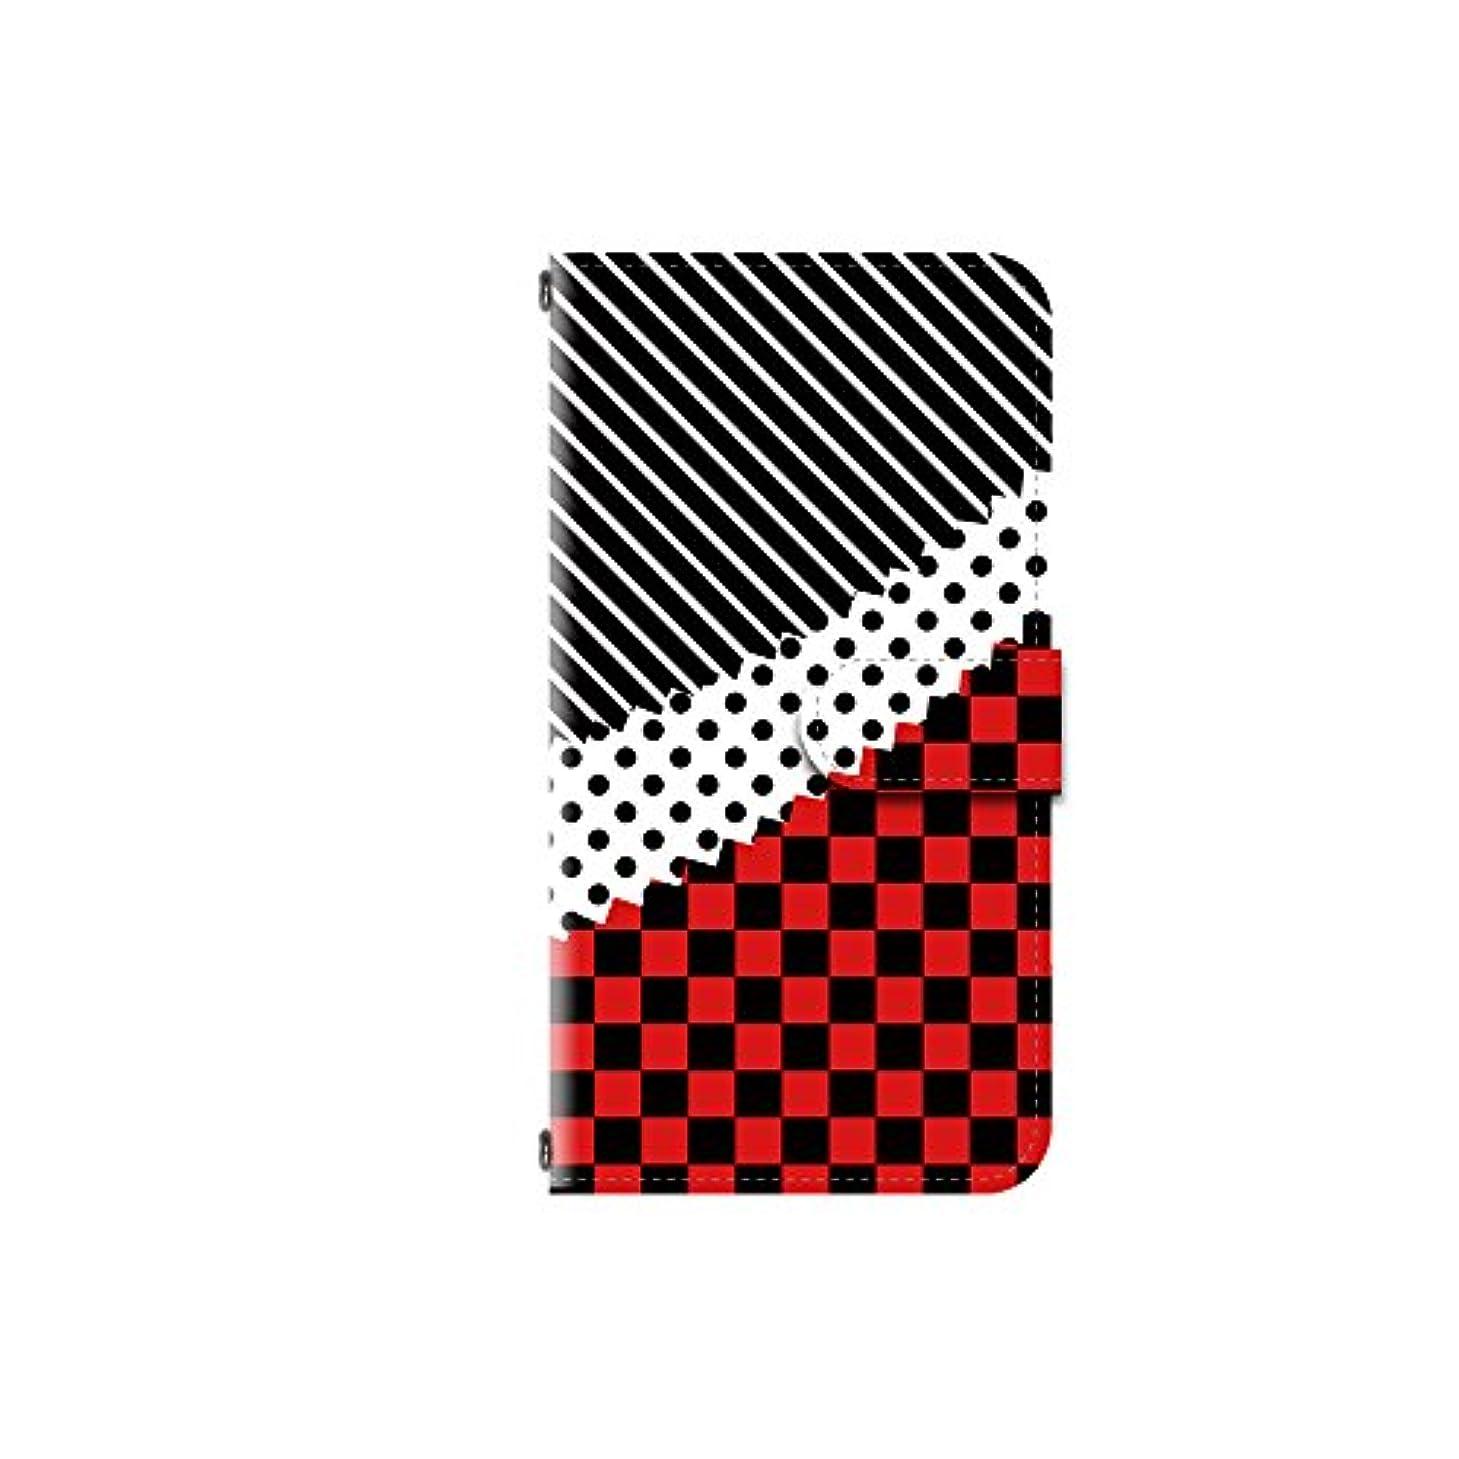 ラウンジ凝縮するタイルiPhone6 対応 高品質印刷 デザイン手帳 手帳型 カメラ穴搭載 ダイアリー スマホケース スマホカバー レザー 横開き ケース カバー デザインE アイフォン アイホン シックス